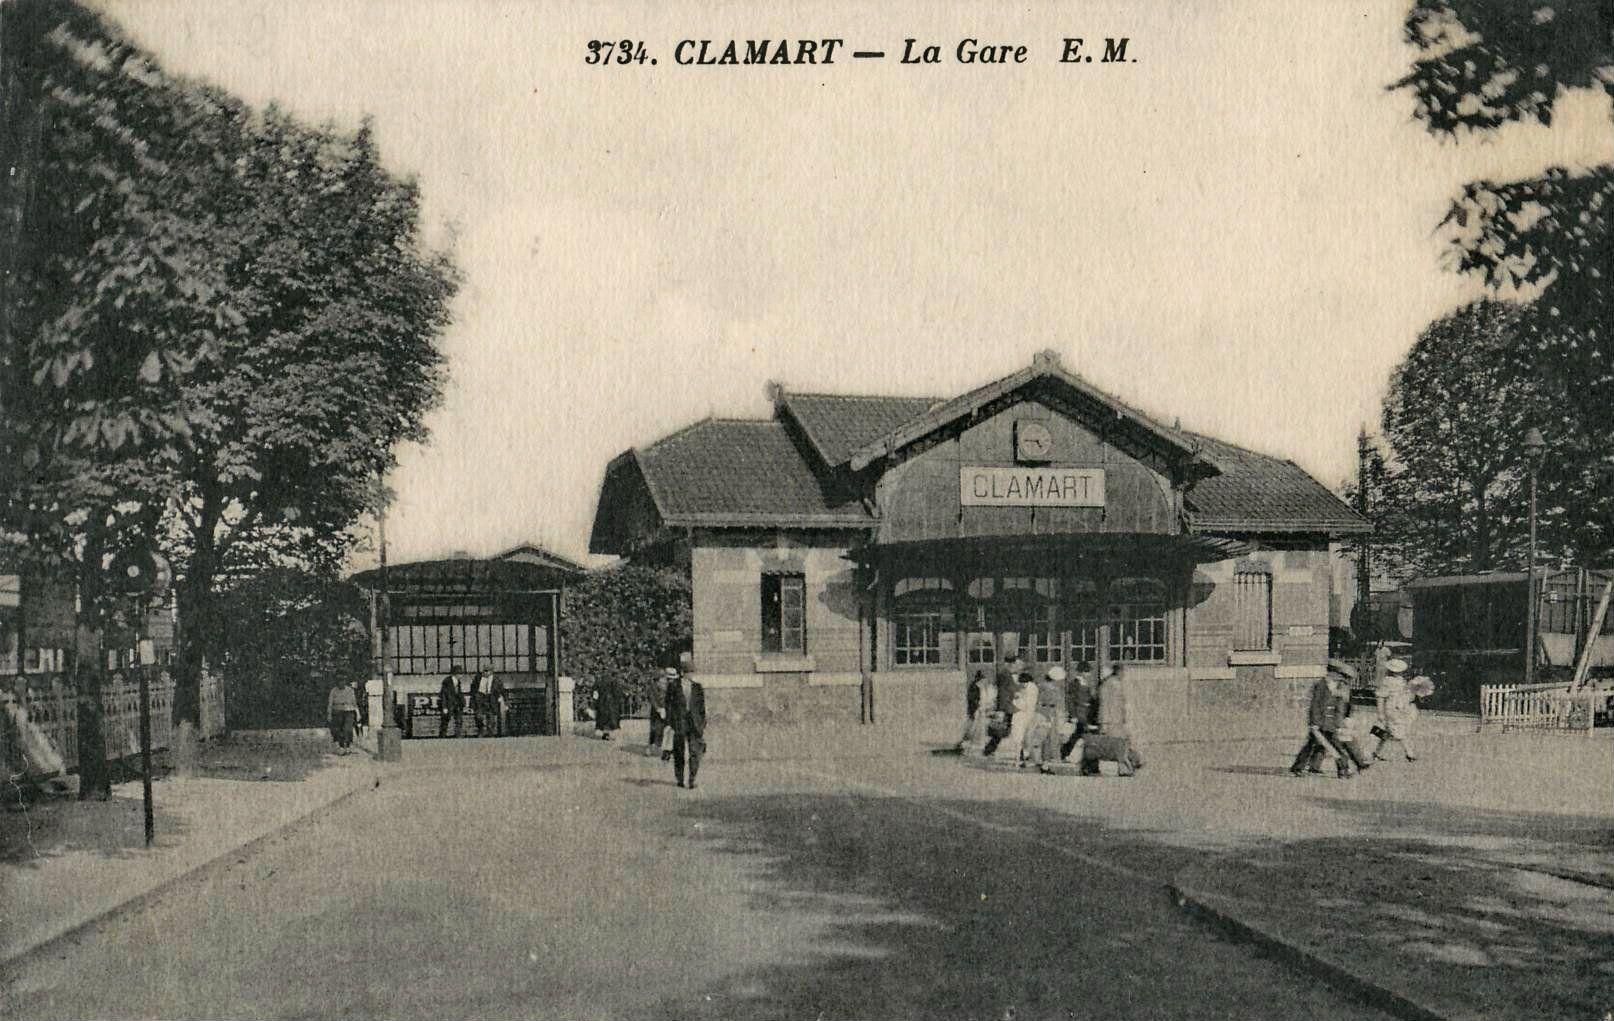 Location de maisons à Clamart Gare